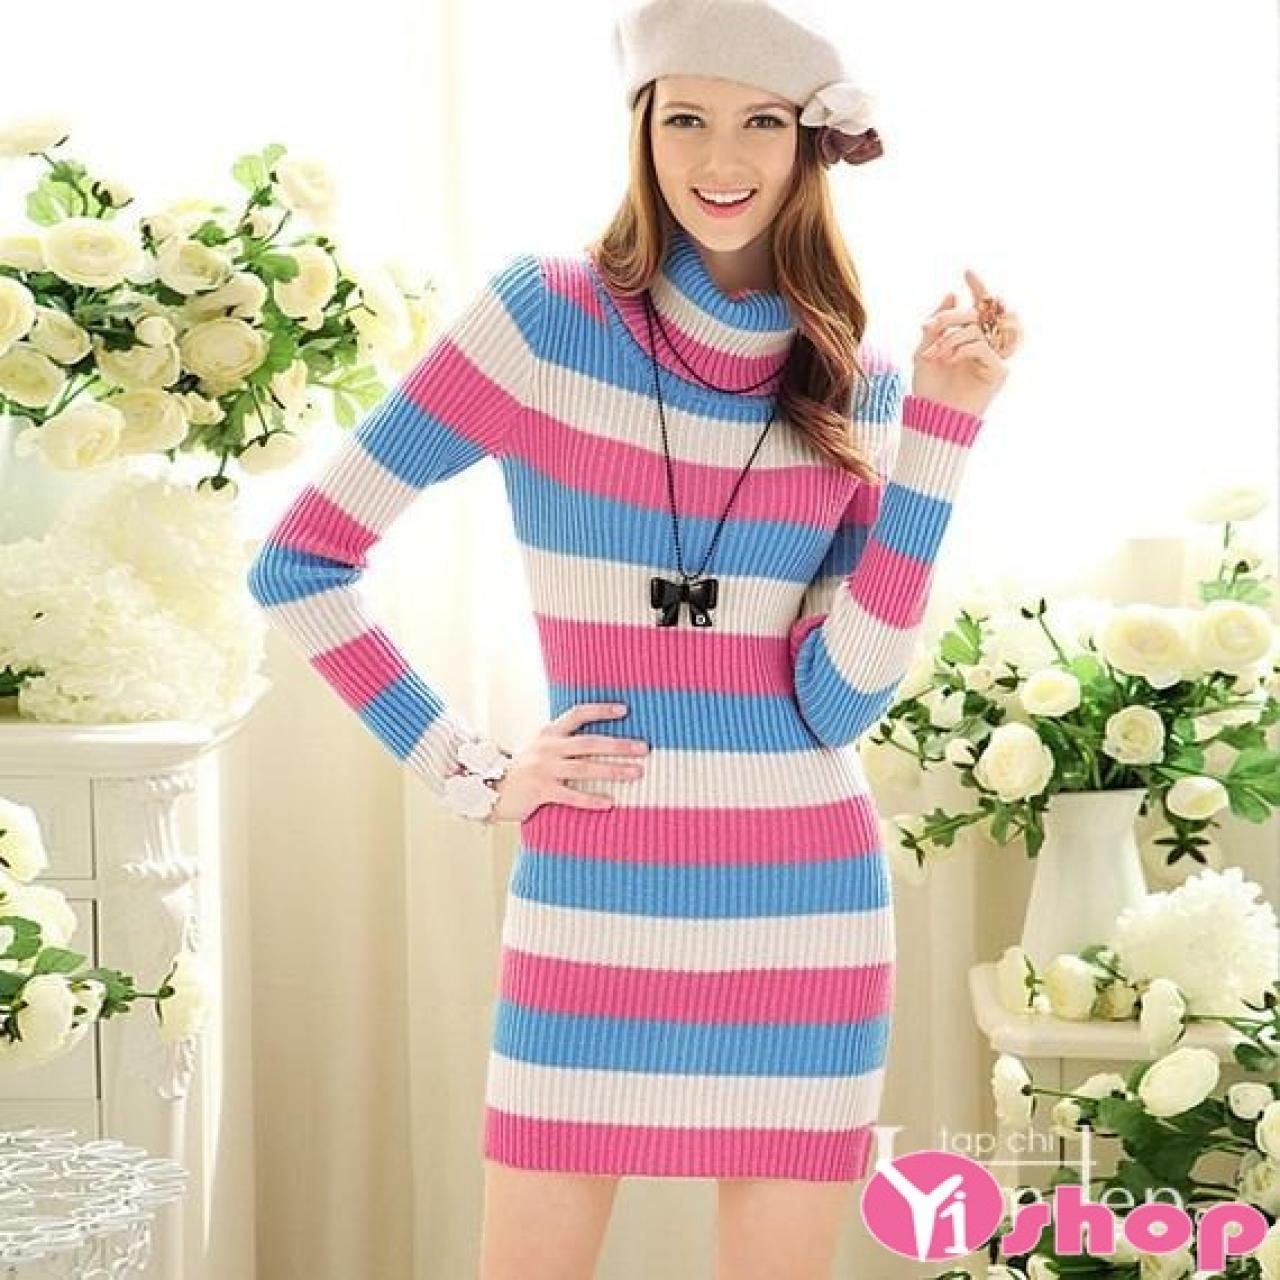 Váy đầm len dáng dài đẹp phong cách sành điệu dạo phố hè 2021 - 2022